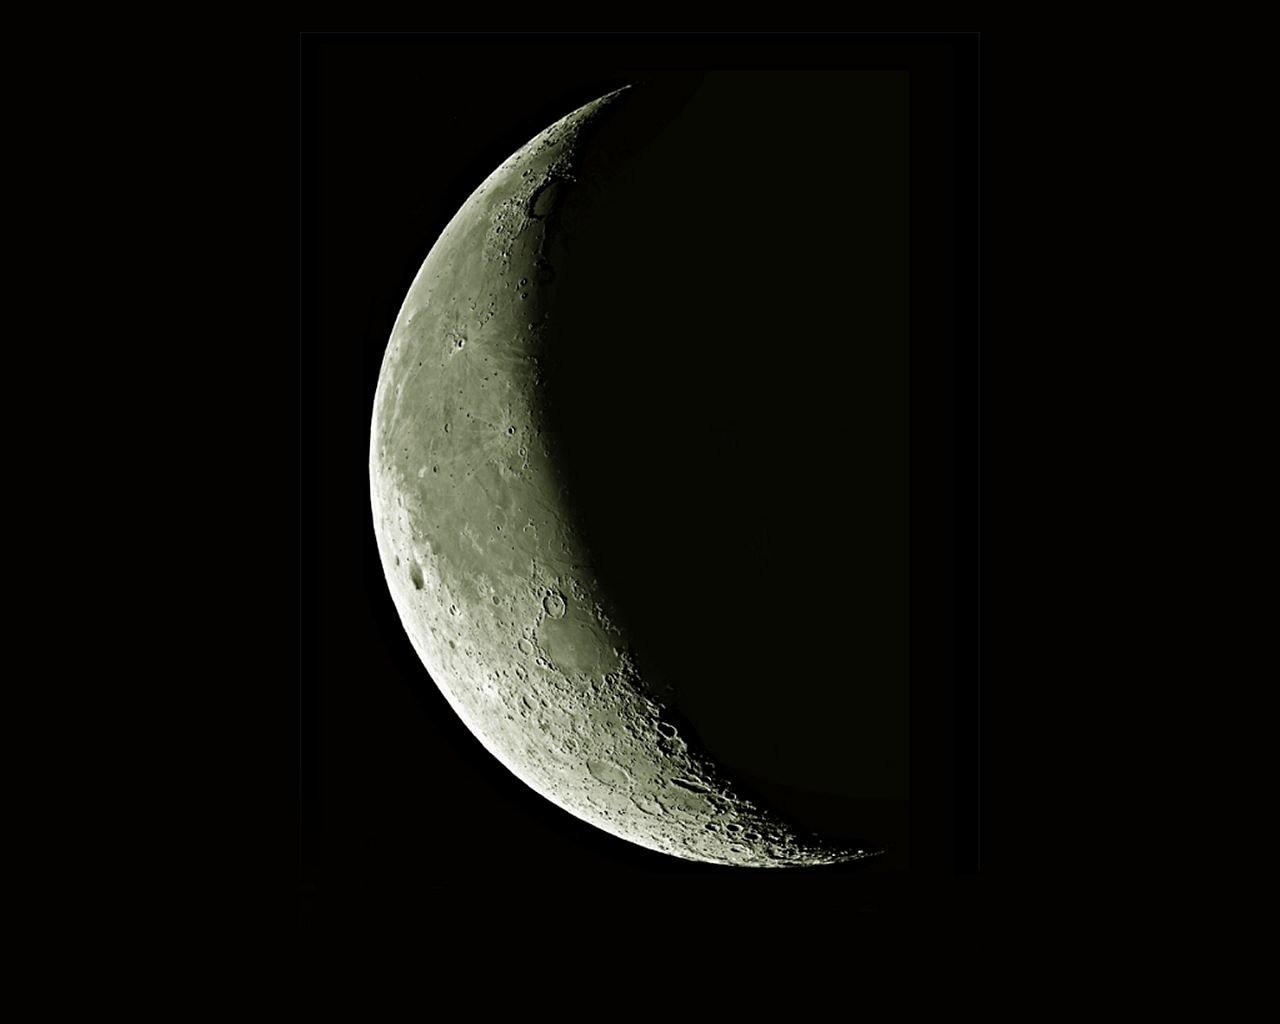 Magia esoterismo magic esoterica magic for Cuarto menguante de la luna